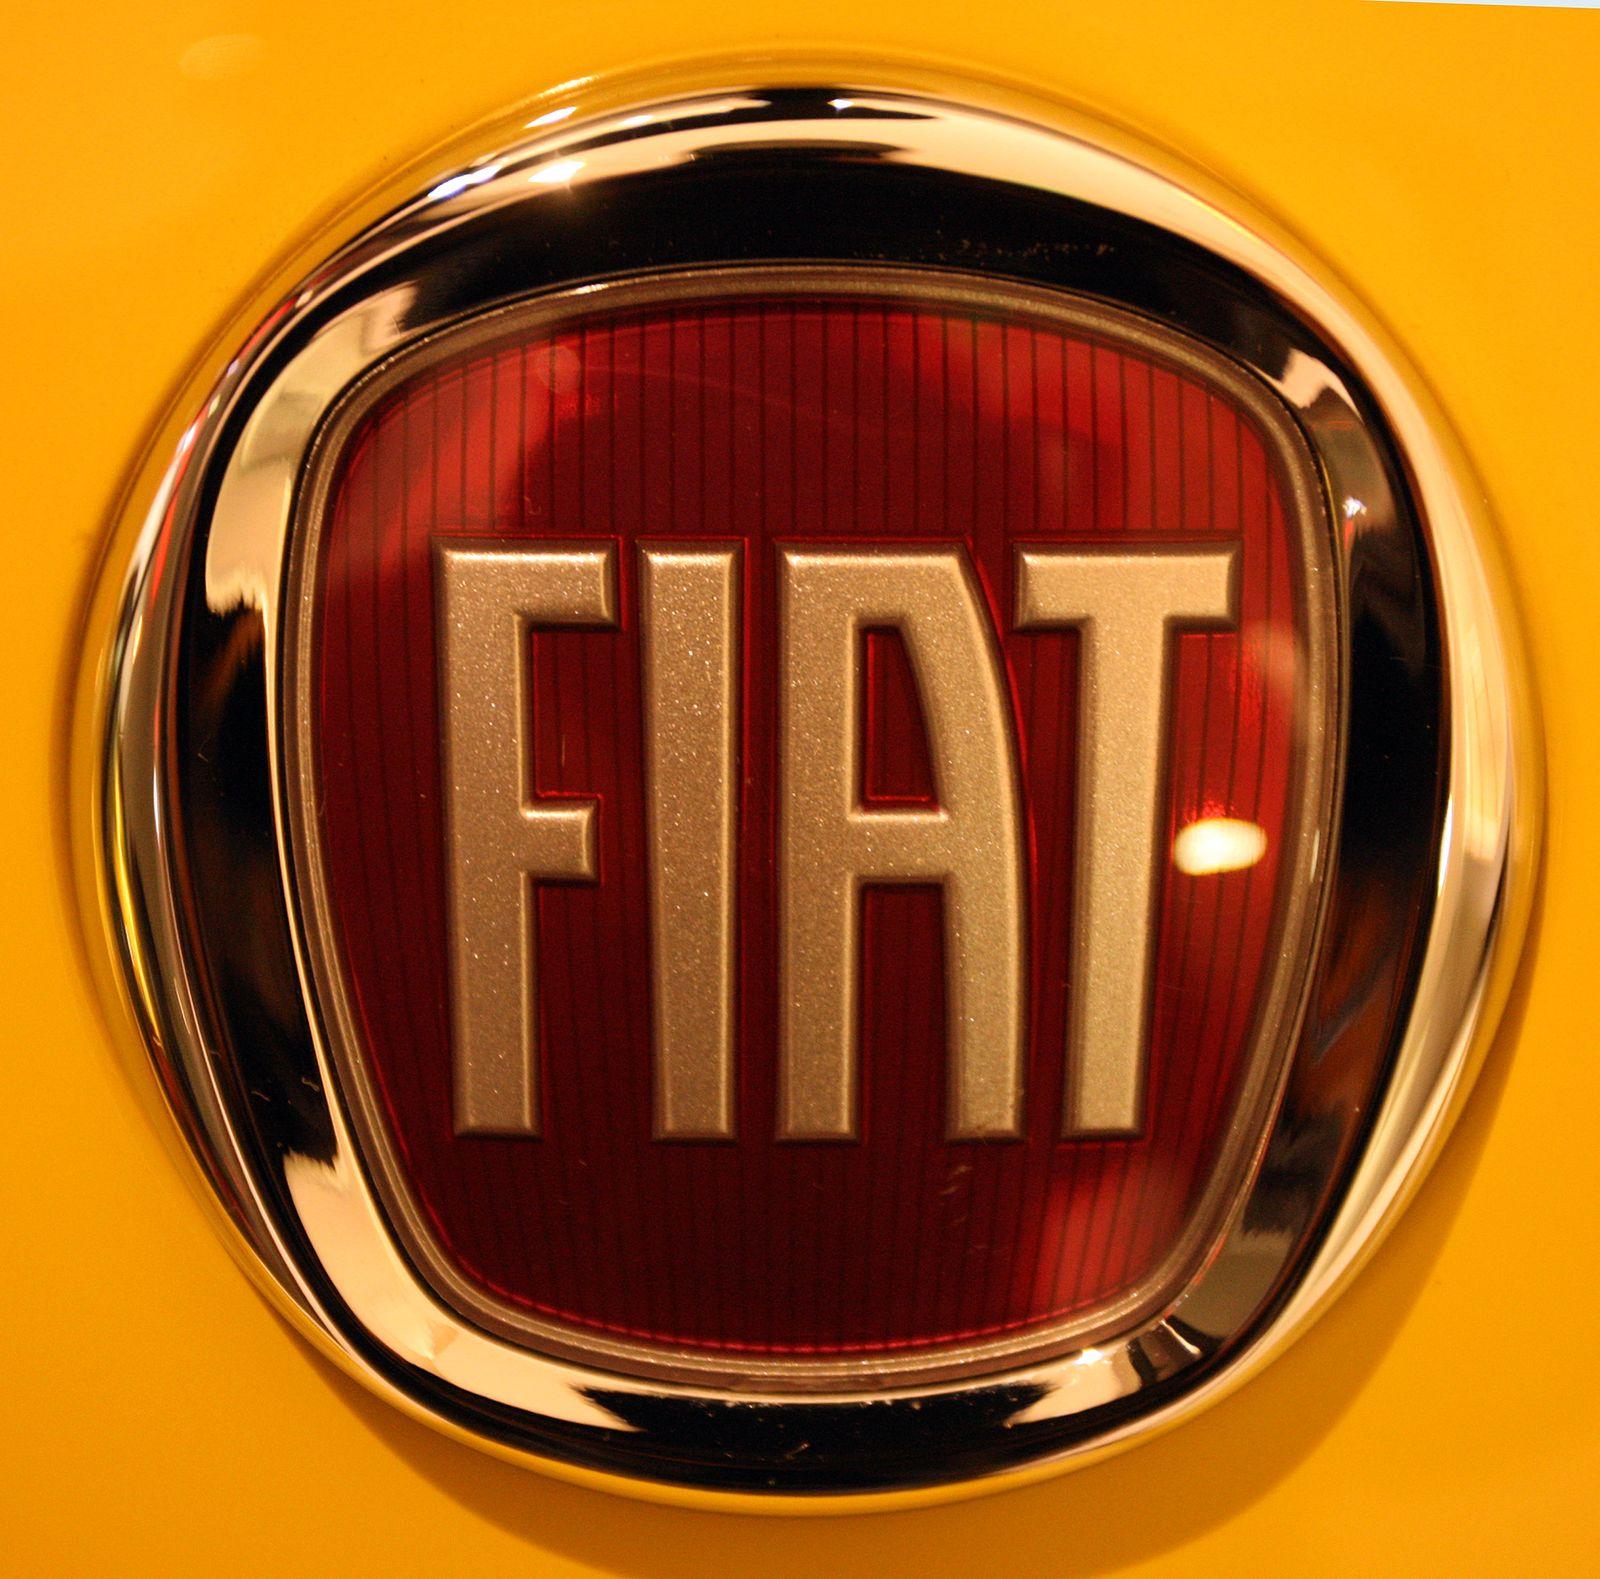 Fiat /Logo